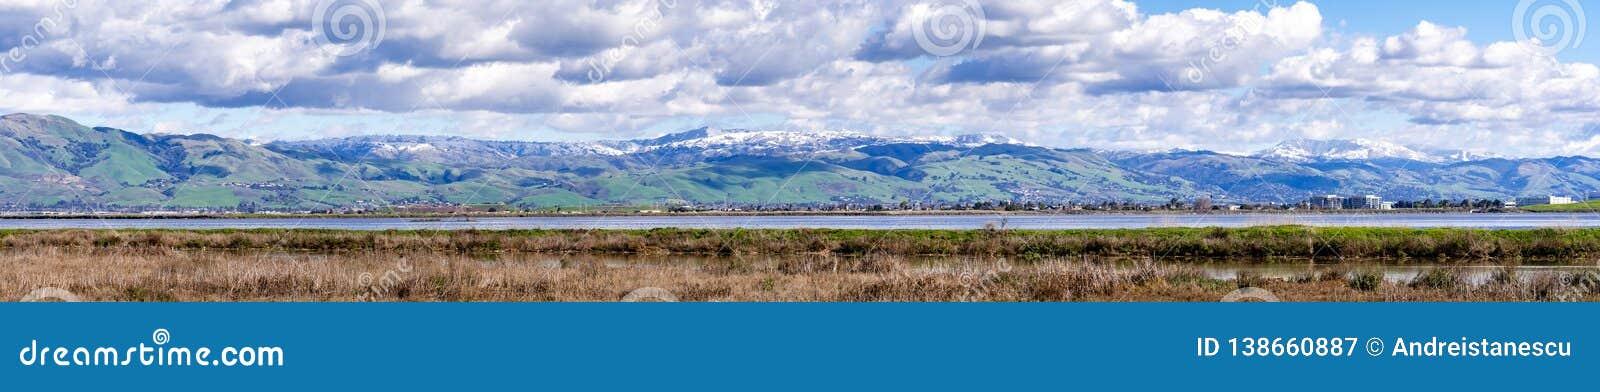 Vista panorâmica para montes verdes e montanhas nevados em um dia de inverno frio tomado das costas de um pântano no sul San